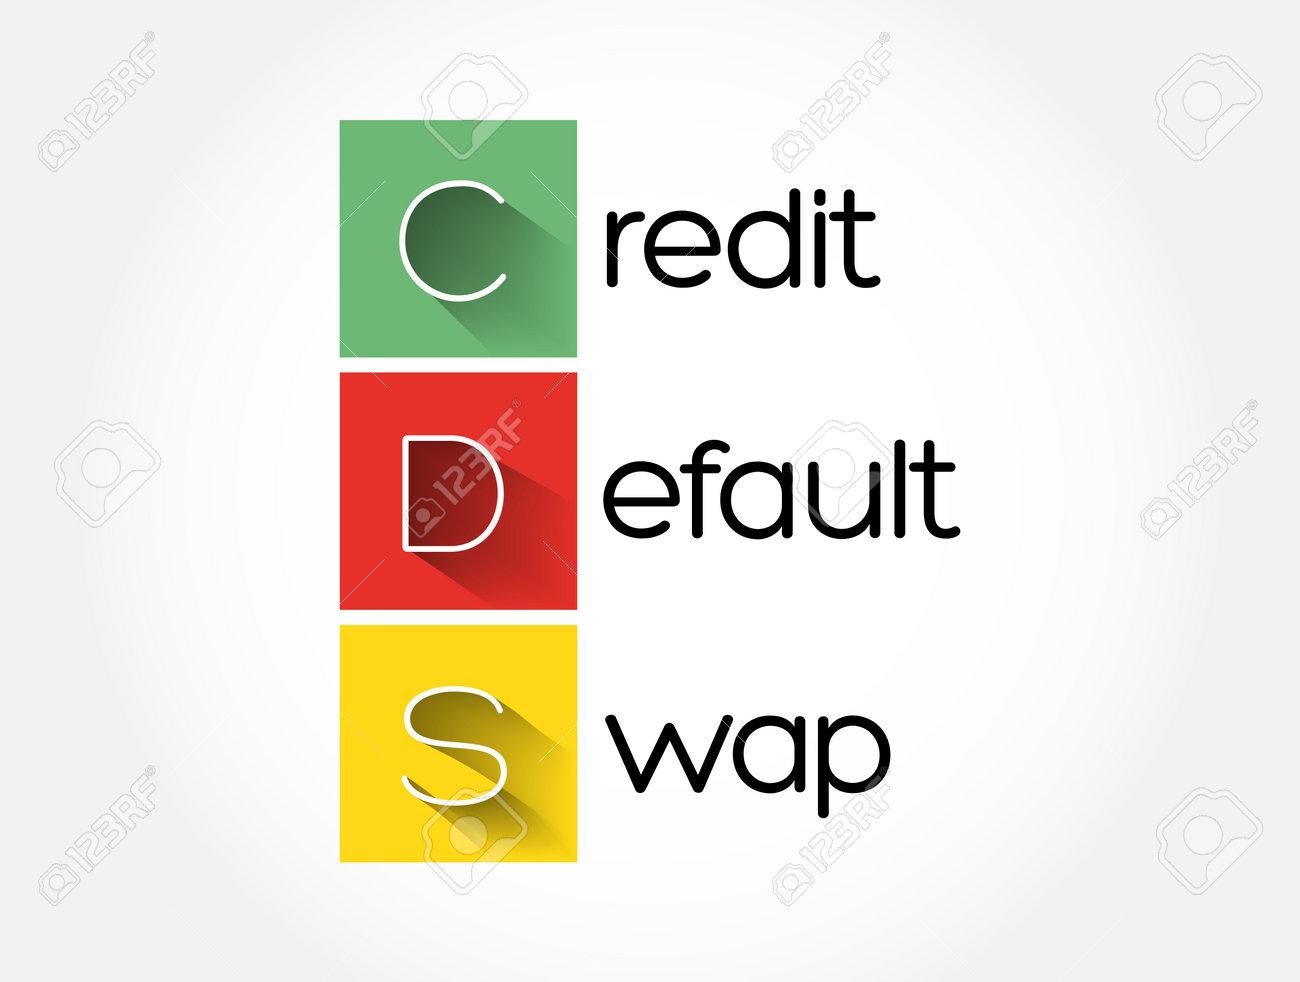 CDS - Credit Default Swap acronym, business concept background - 162382849